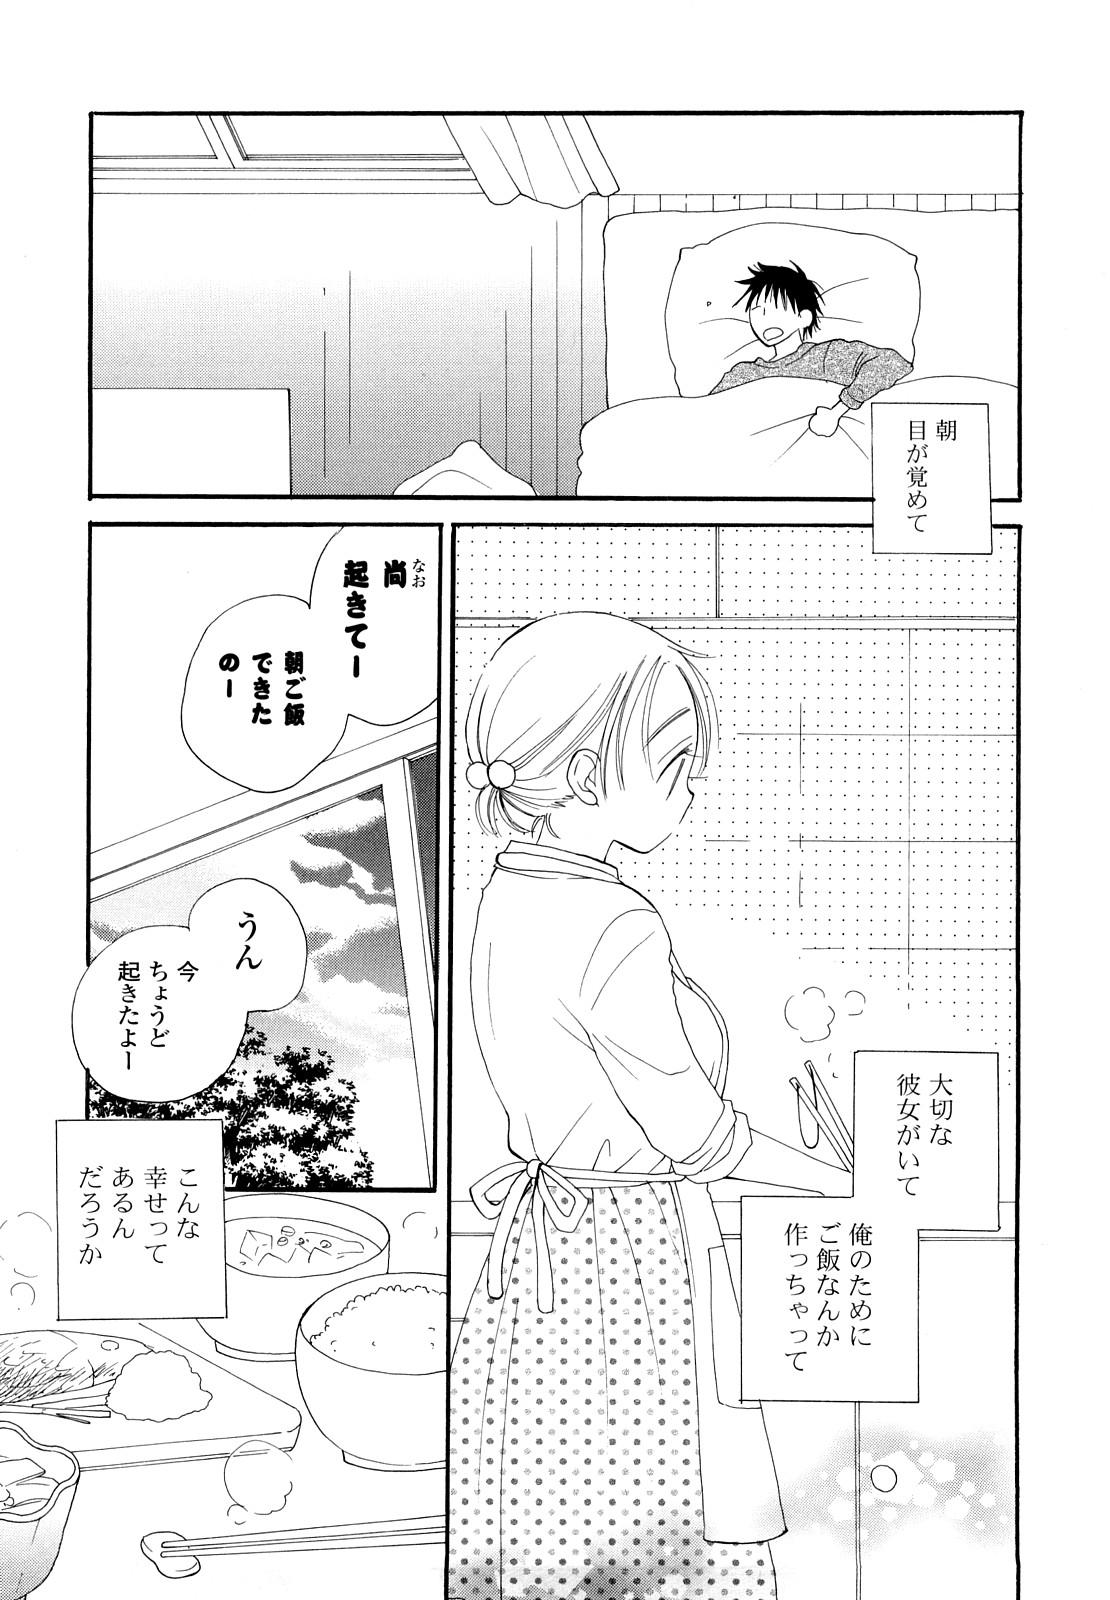 Houkago Nyan Nyan 24